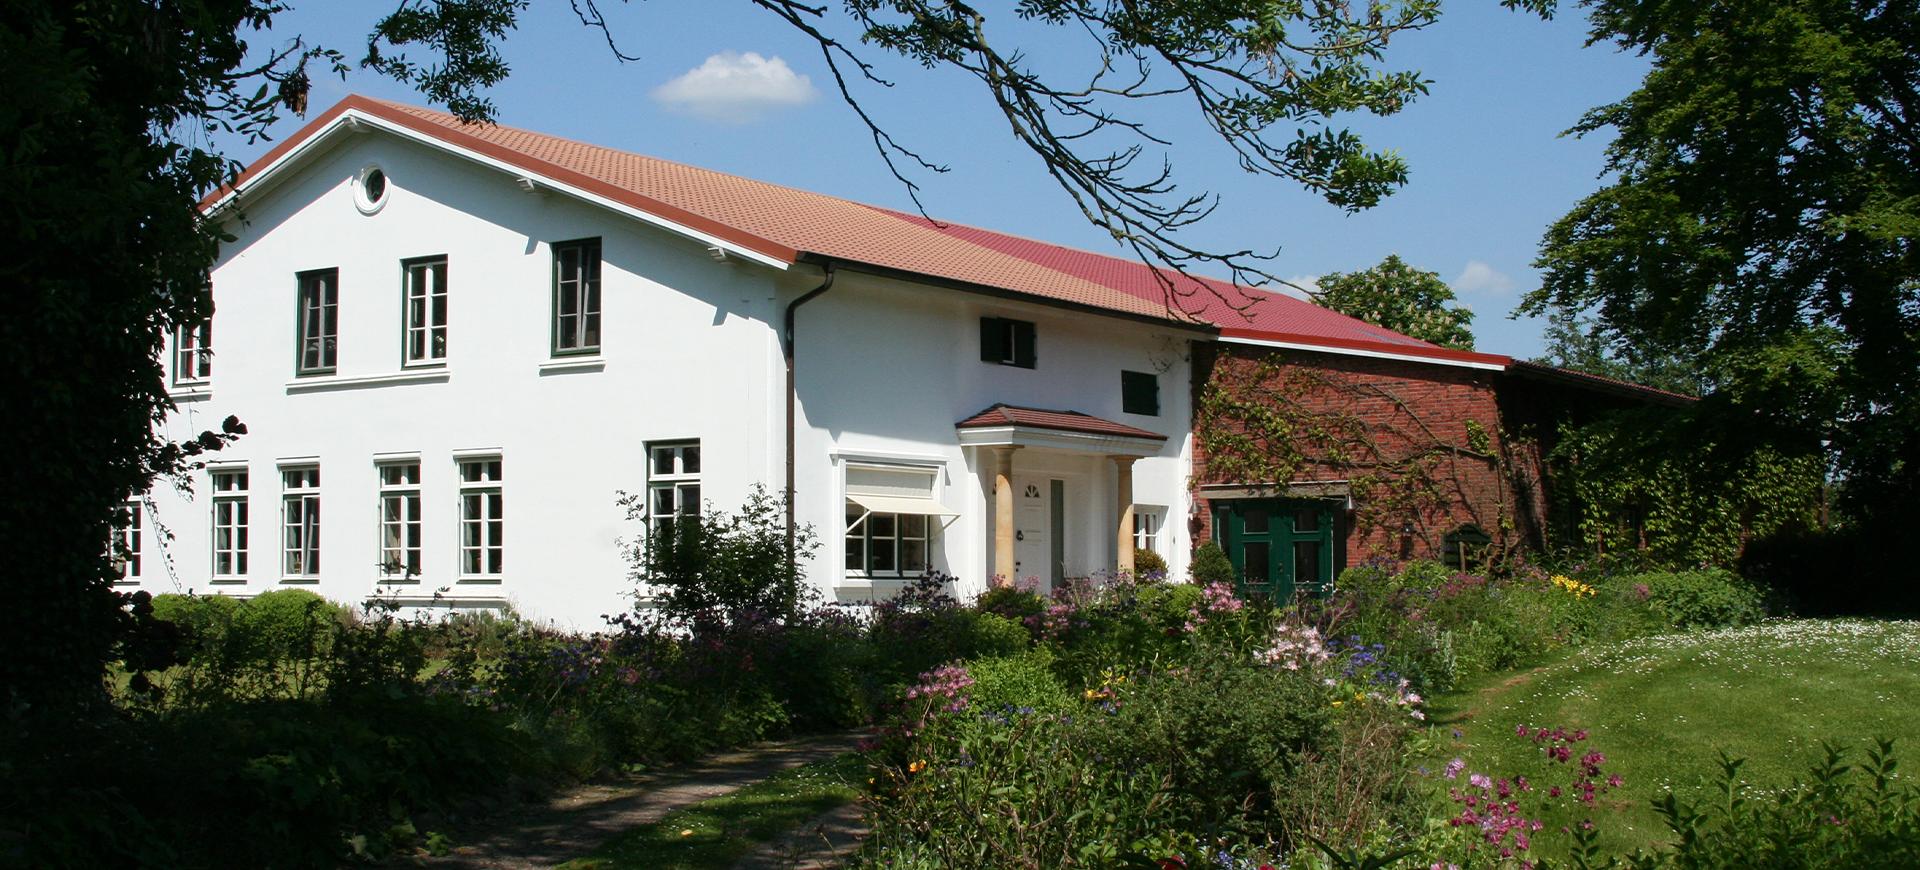 Der Hof 1